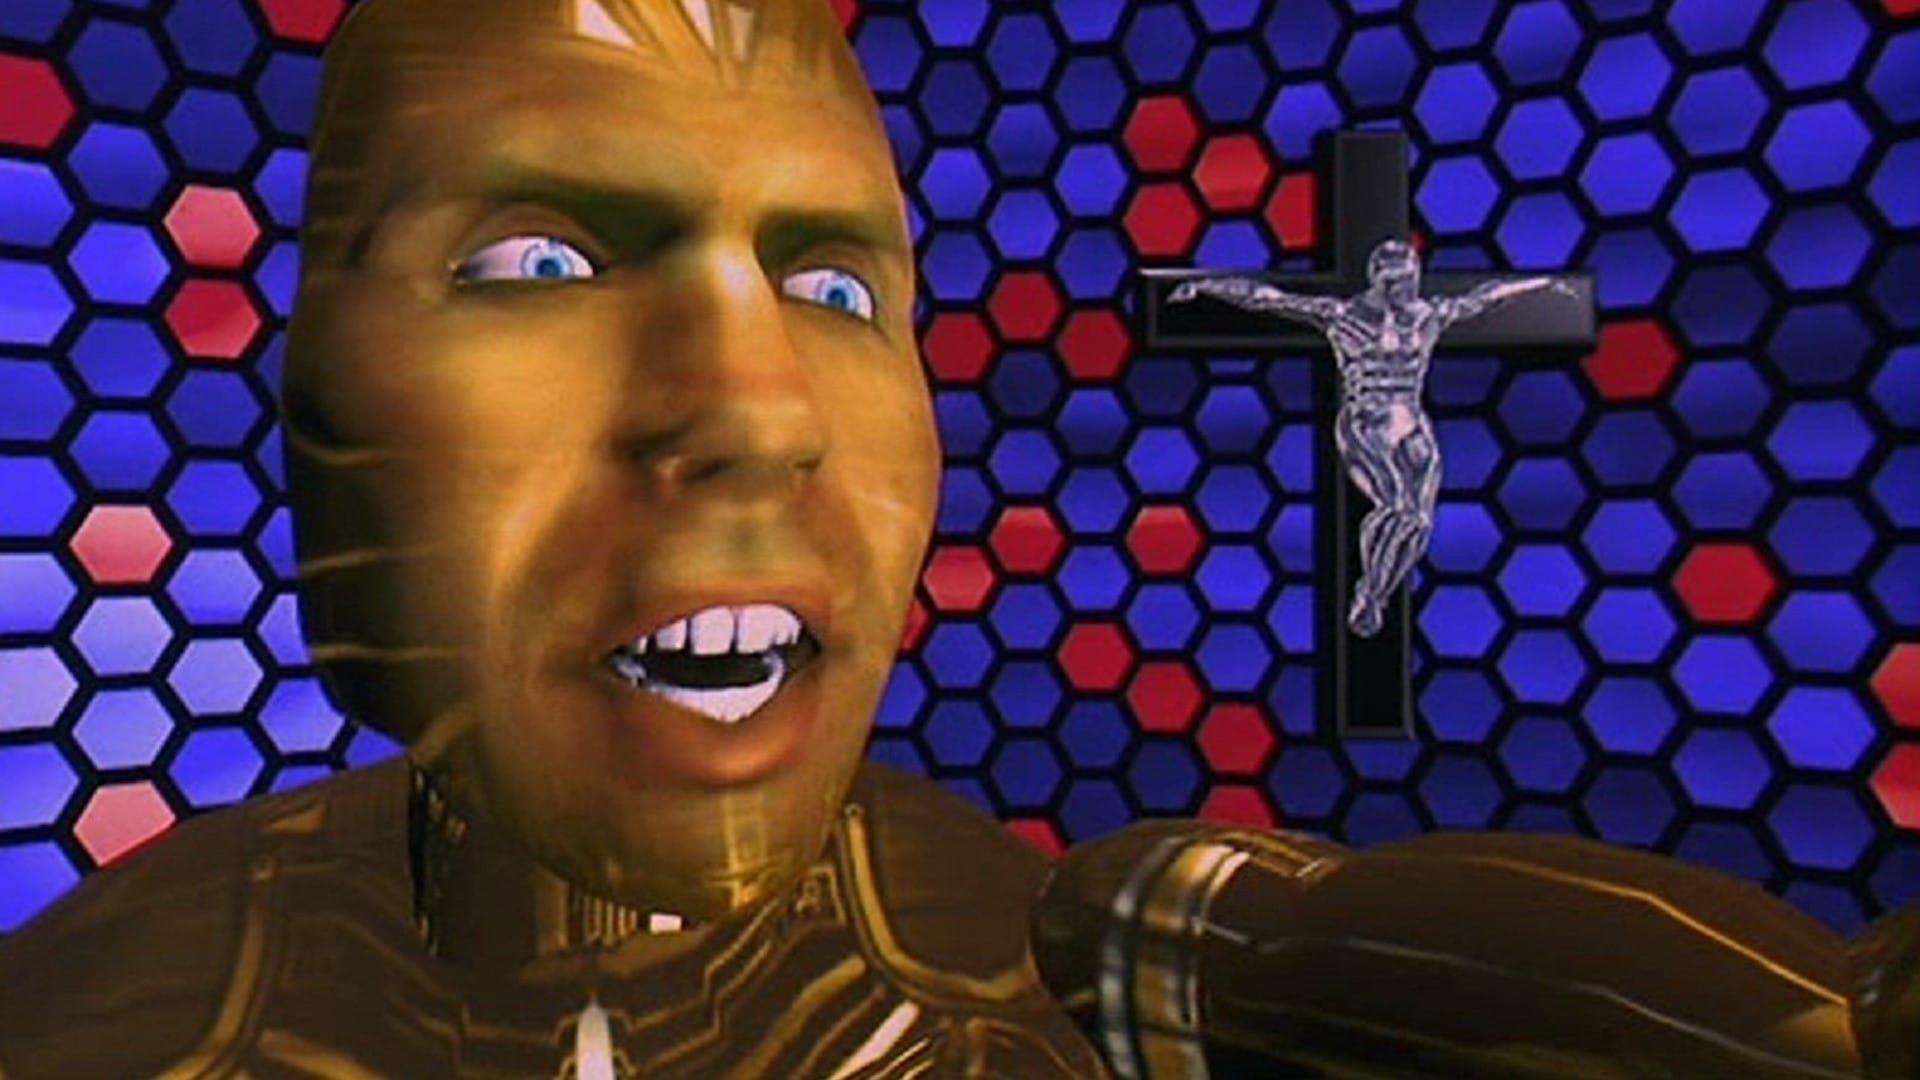 Manden Med Plaeneklipperen 1992 Fuld Film Online Streaming Dansk Movie123 Dr Lawrence Angelo Arbejder For Cybertech Og Fors Films Complets Avengers Film Film